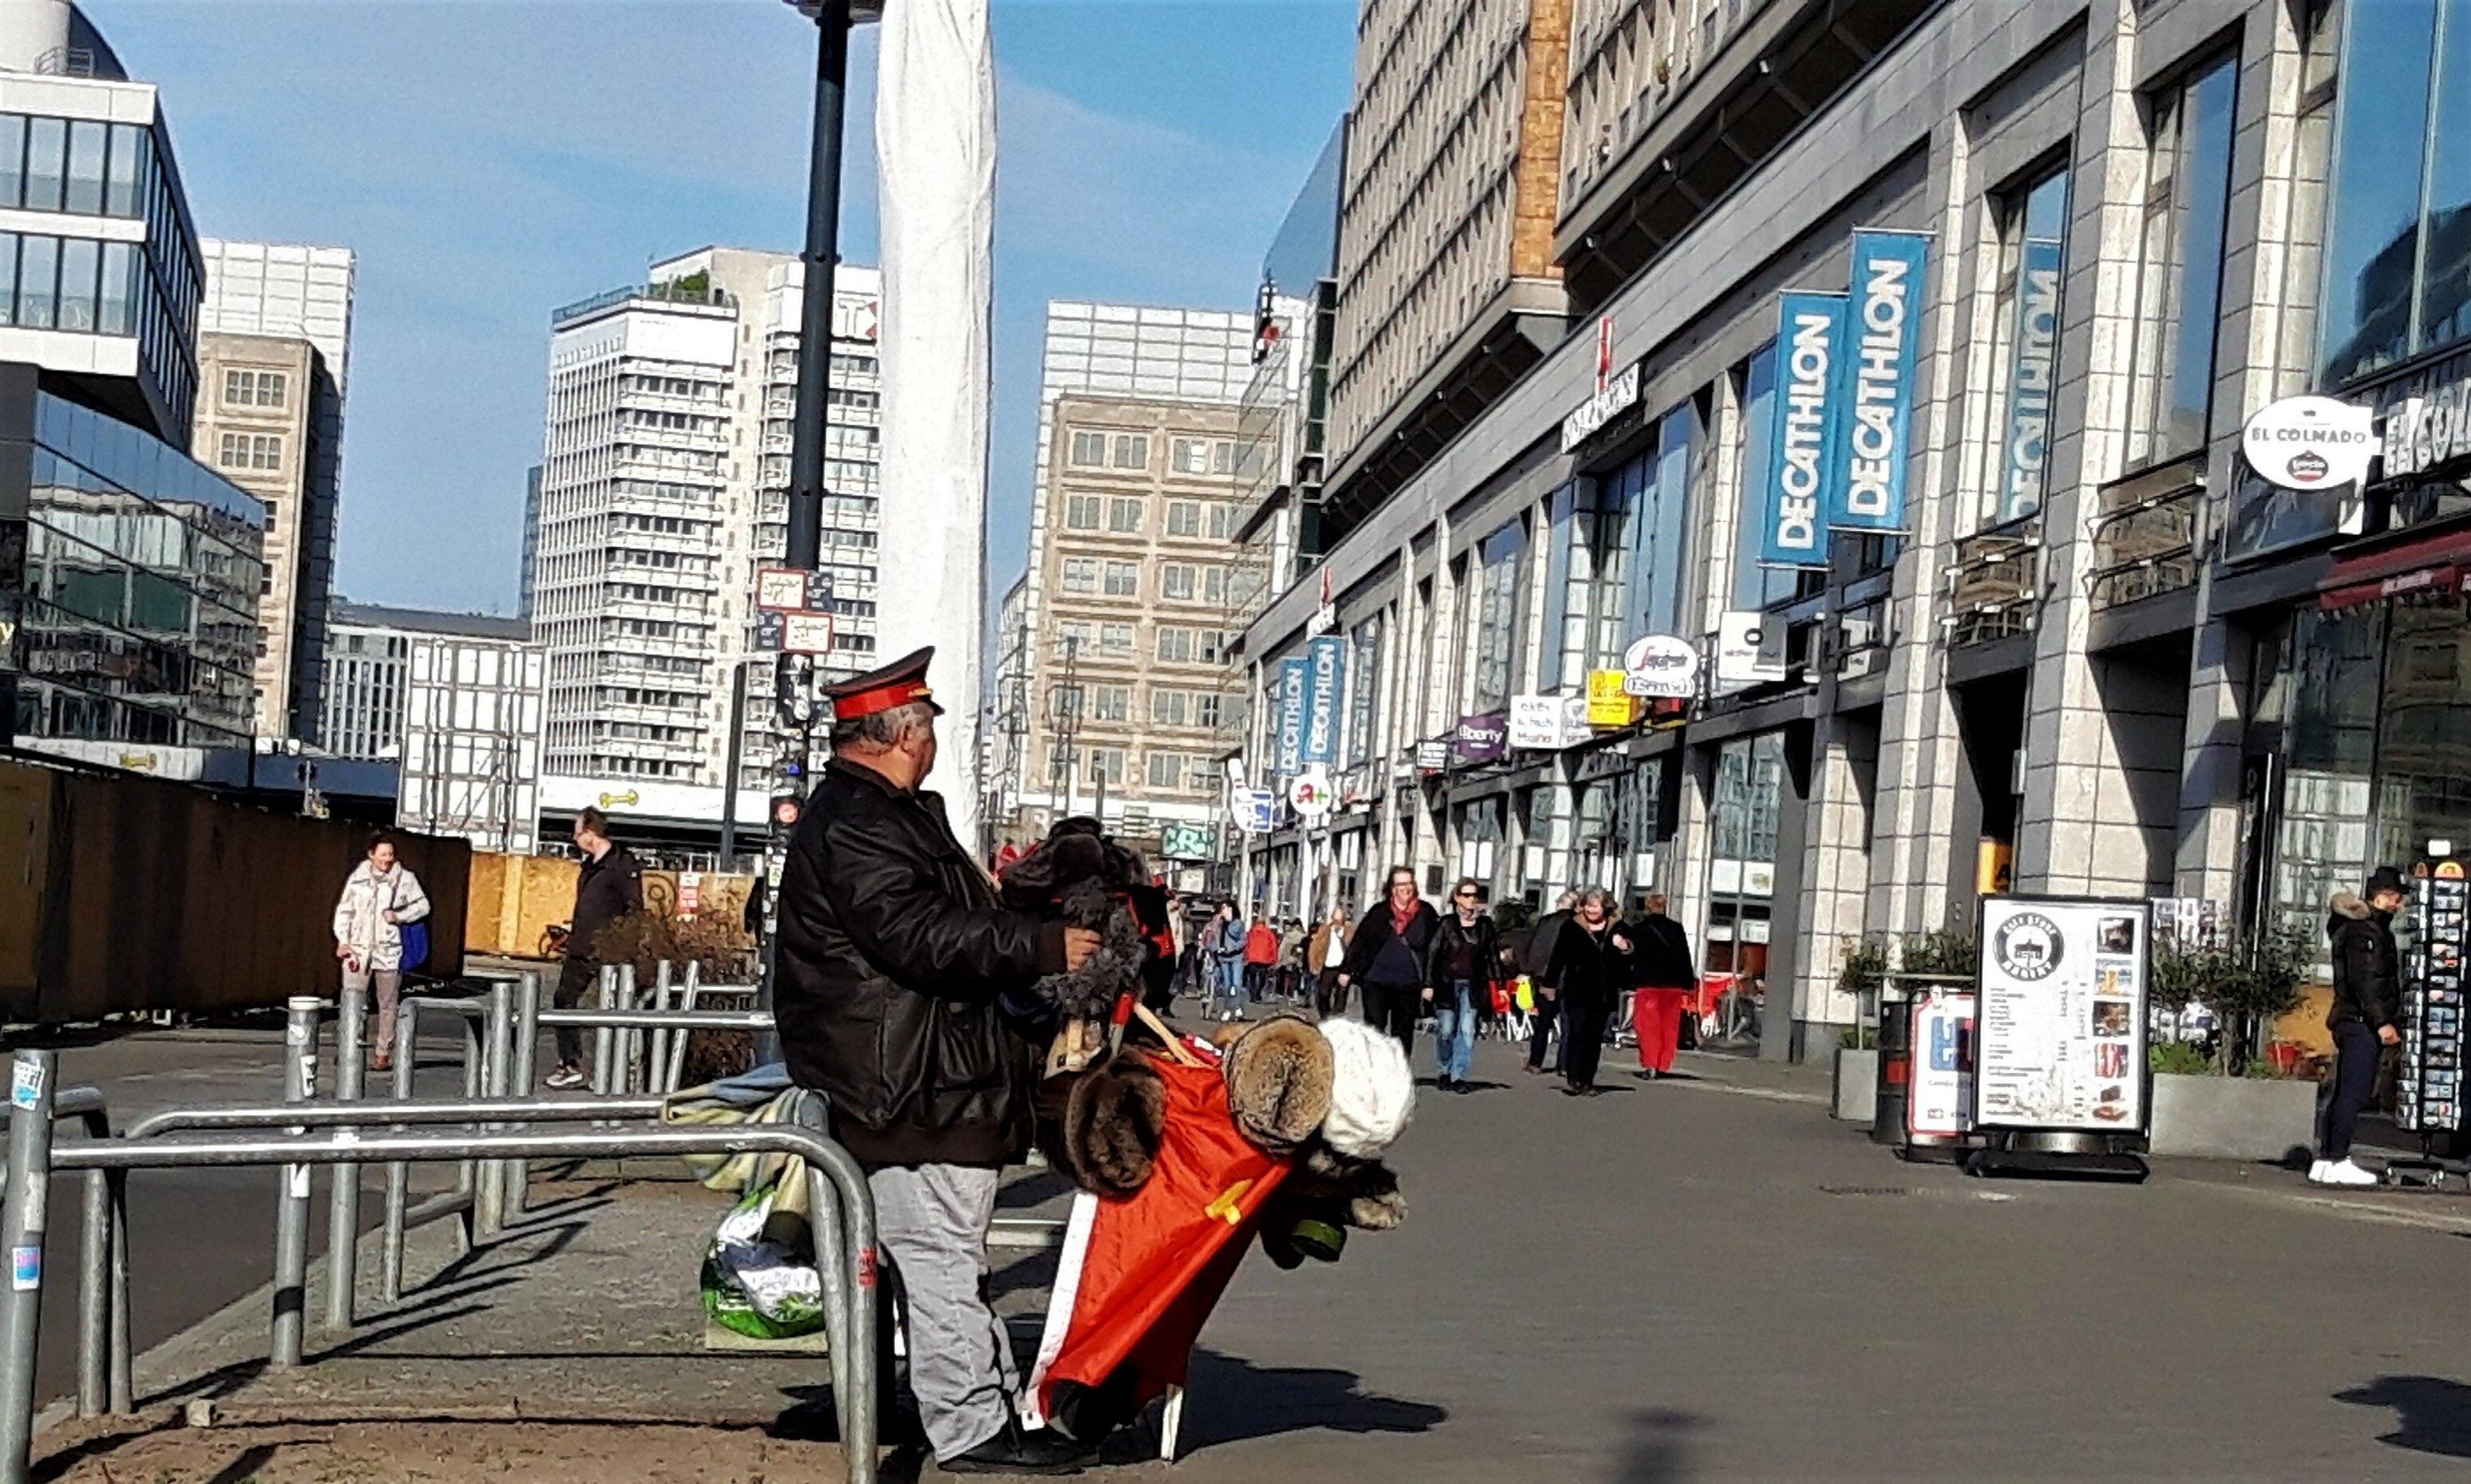 Ein untersetzter Mann hat eine Sowjet-Uniformmütze auf und verkauft Pelzmützen und andere Sowjet-Souvenirs